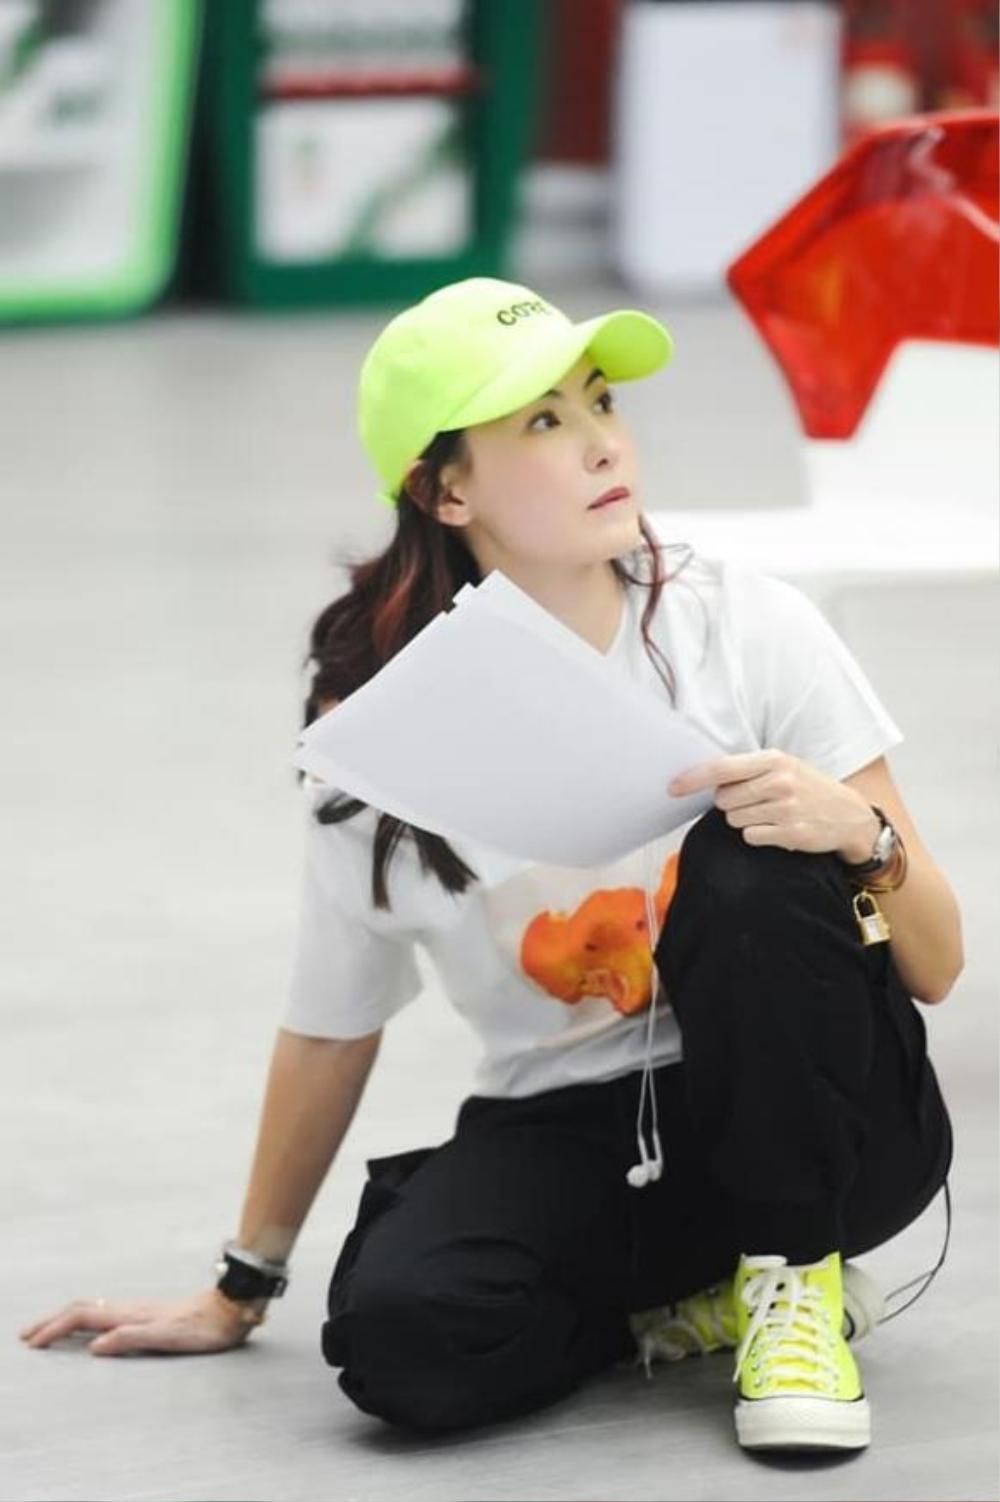 Nhan sắc và phong cách trẻ trung của Trương Bá Chi khiến dân tình 'phát hờn' Ảnh 3